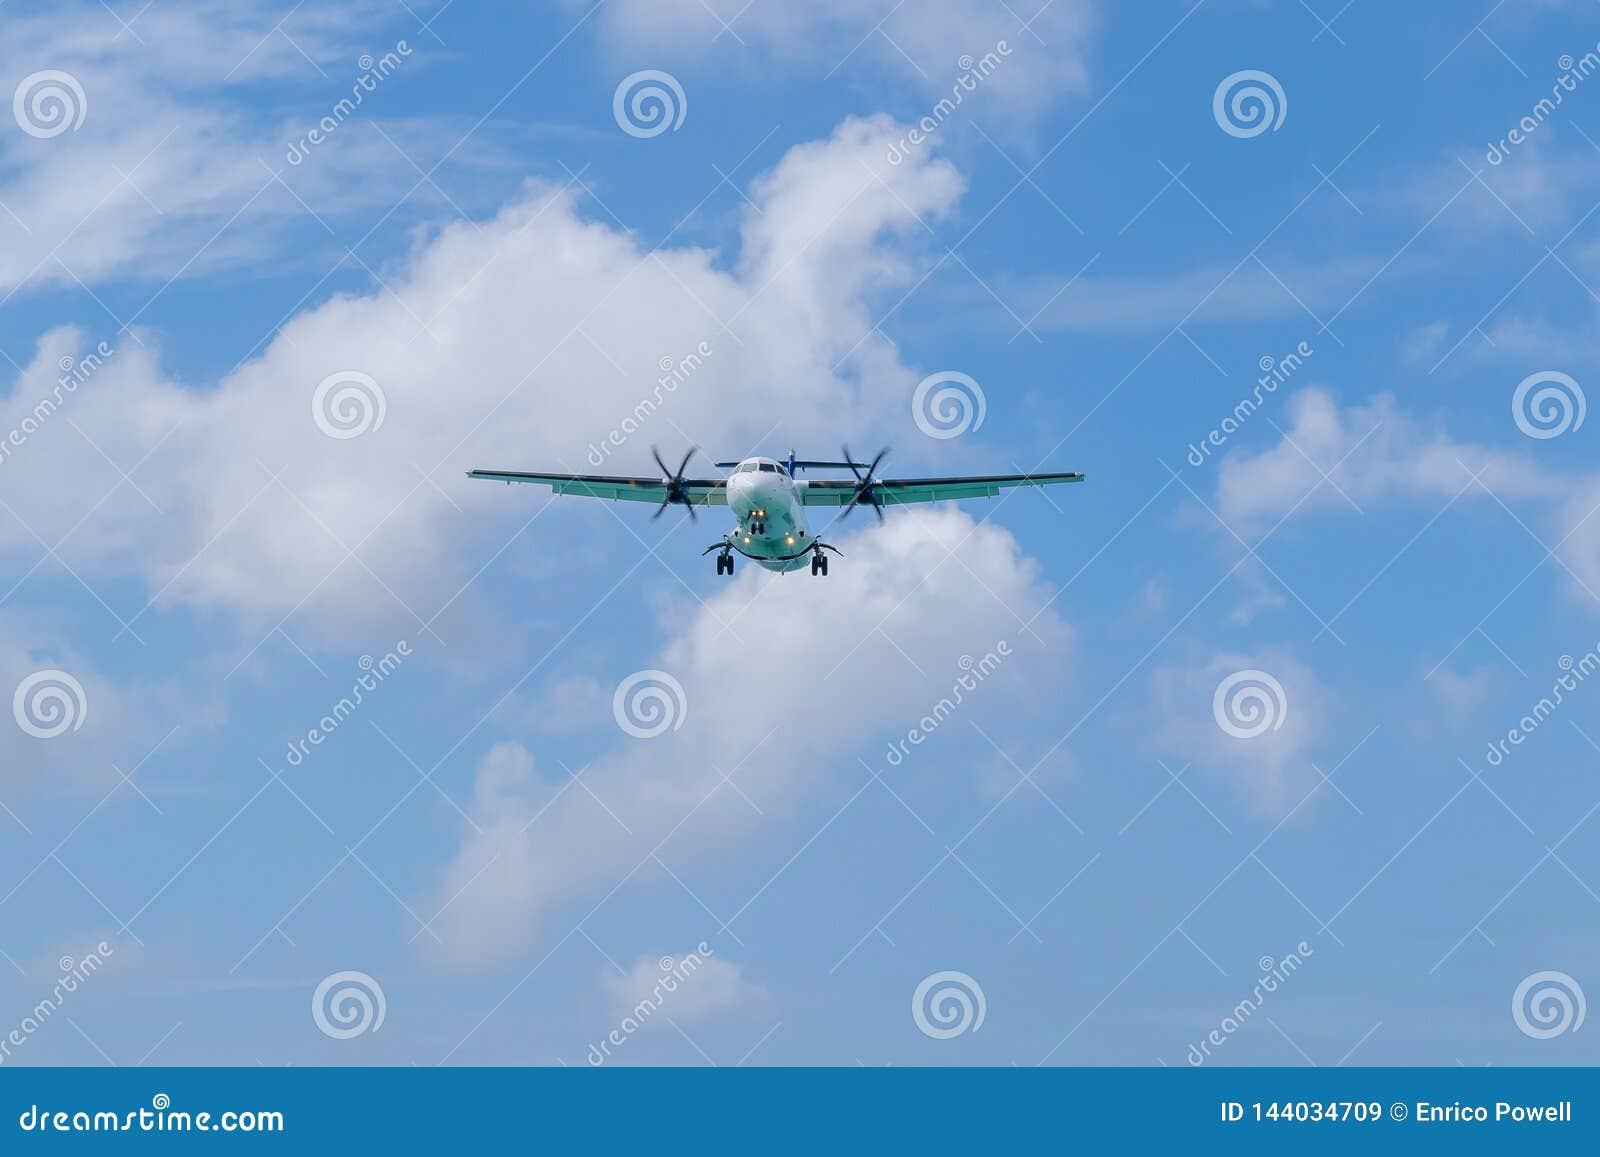 Турбовинтовой самолет привел воздушные судн в действие с колесами вниз с подготовки приземлиться